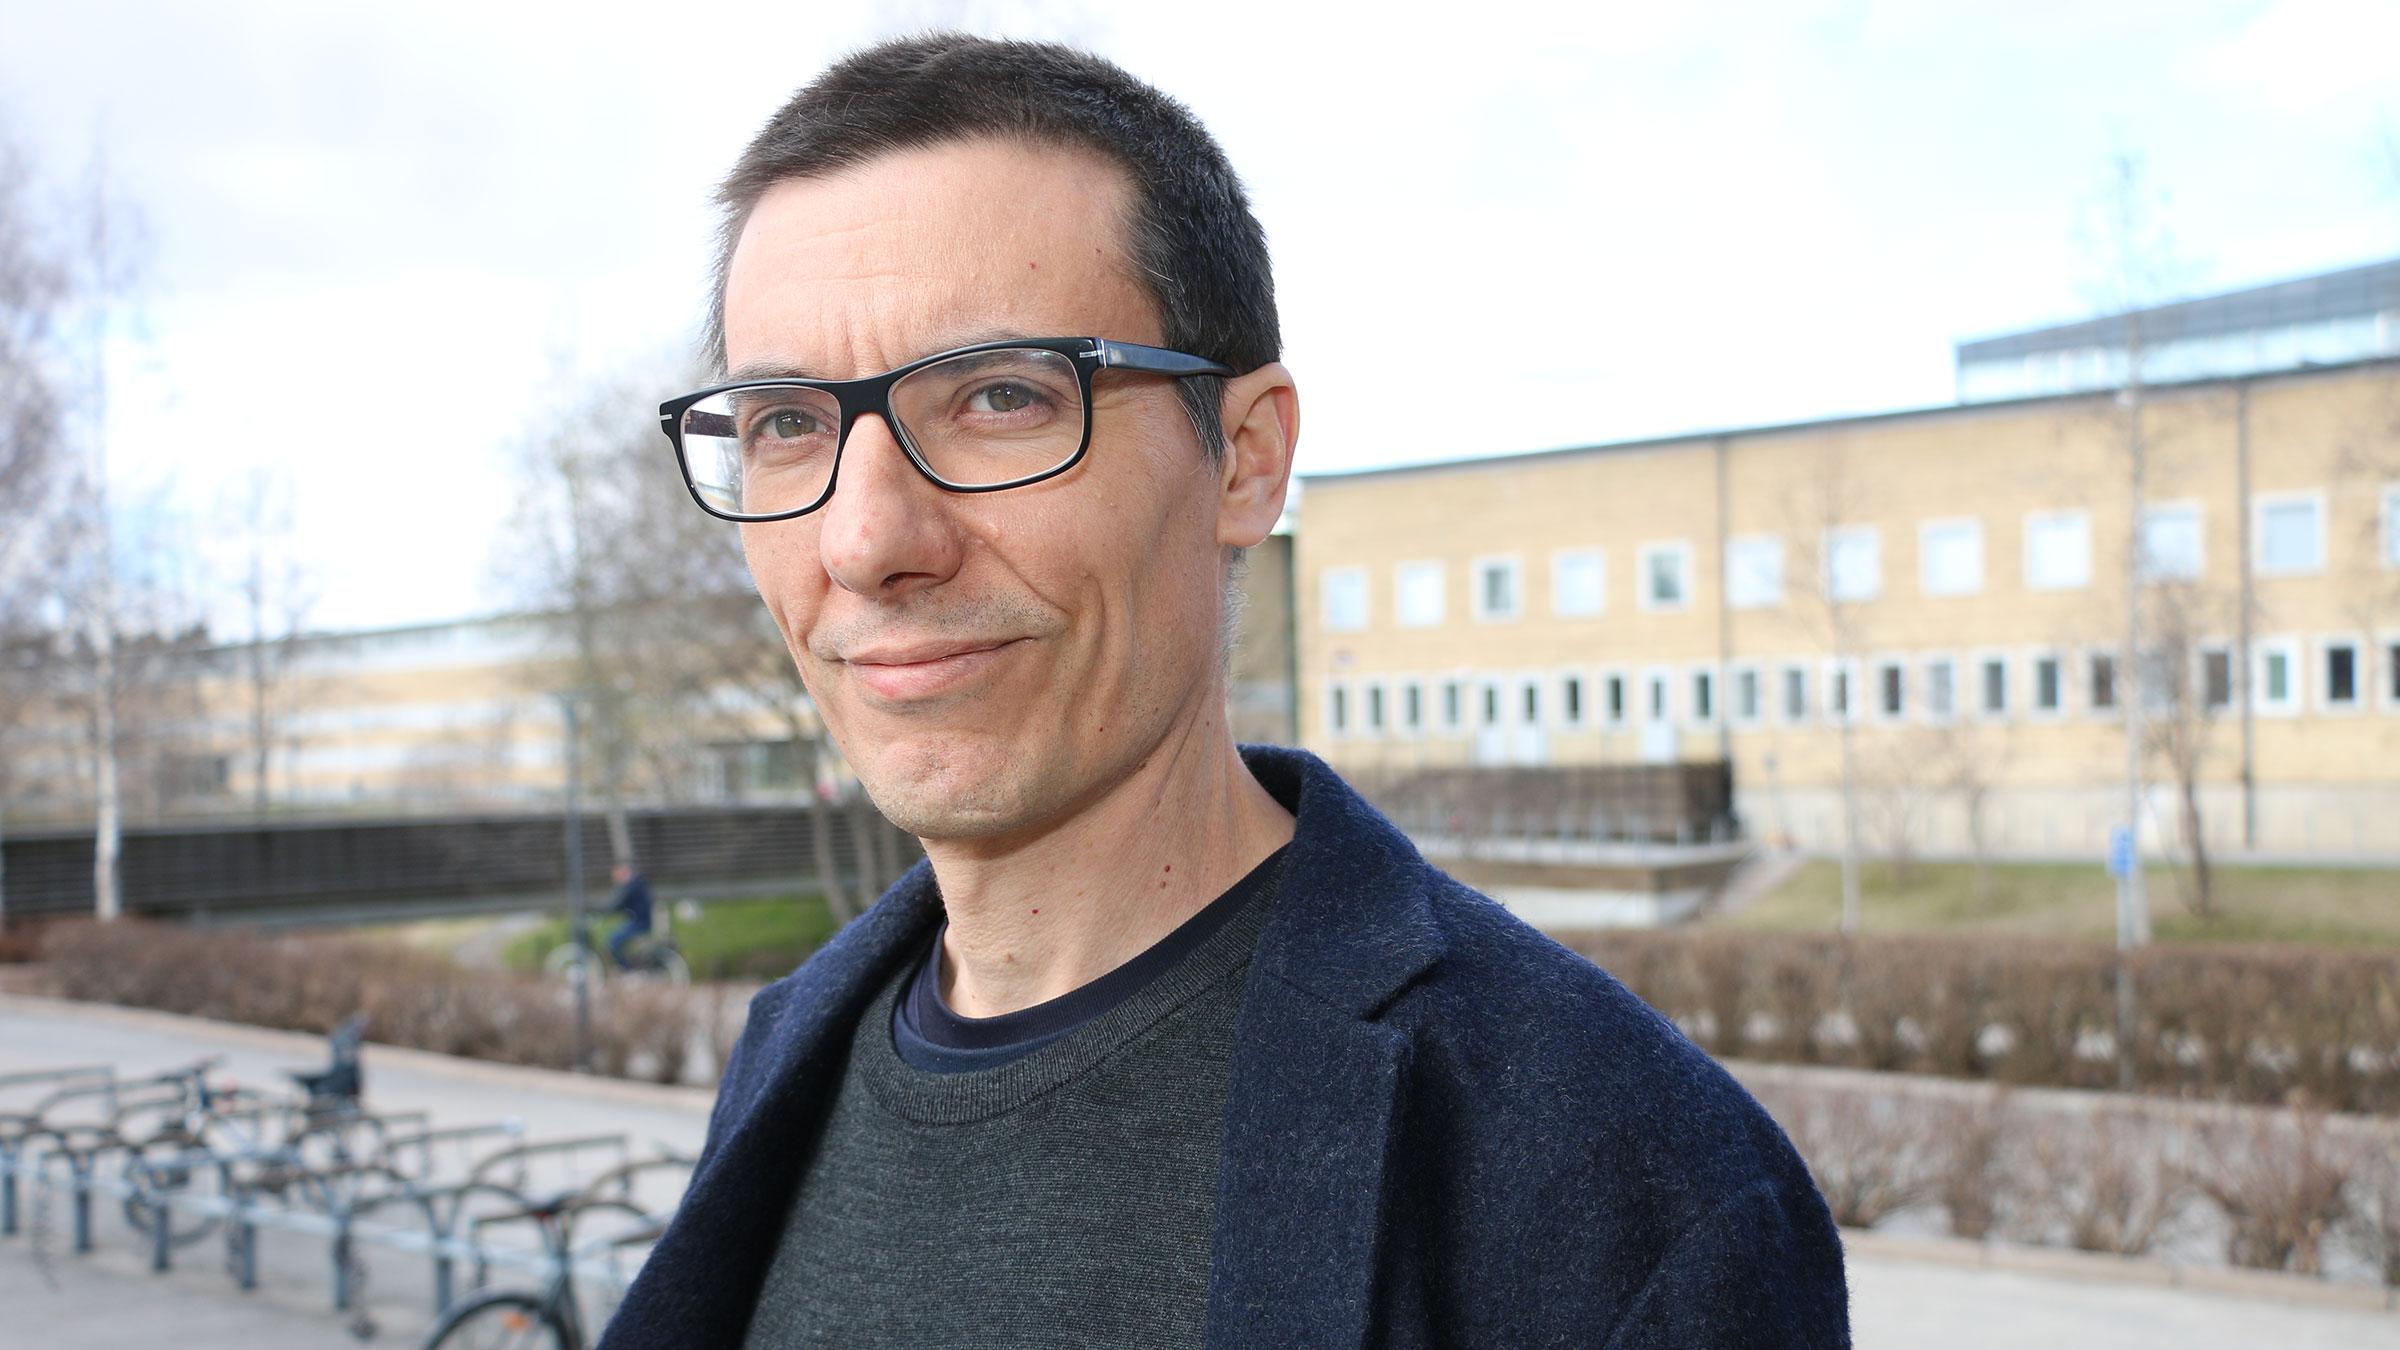 Vicenç Torra är ny professor vid Umeå universitet inom AI och dataskydd.